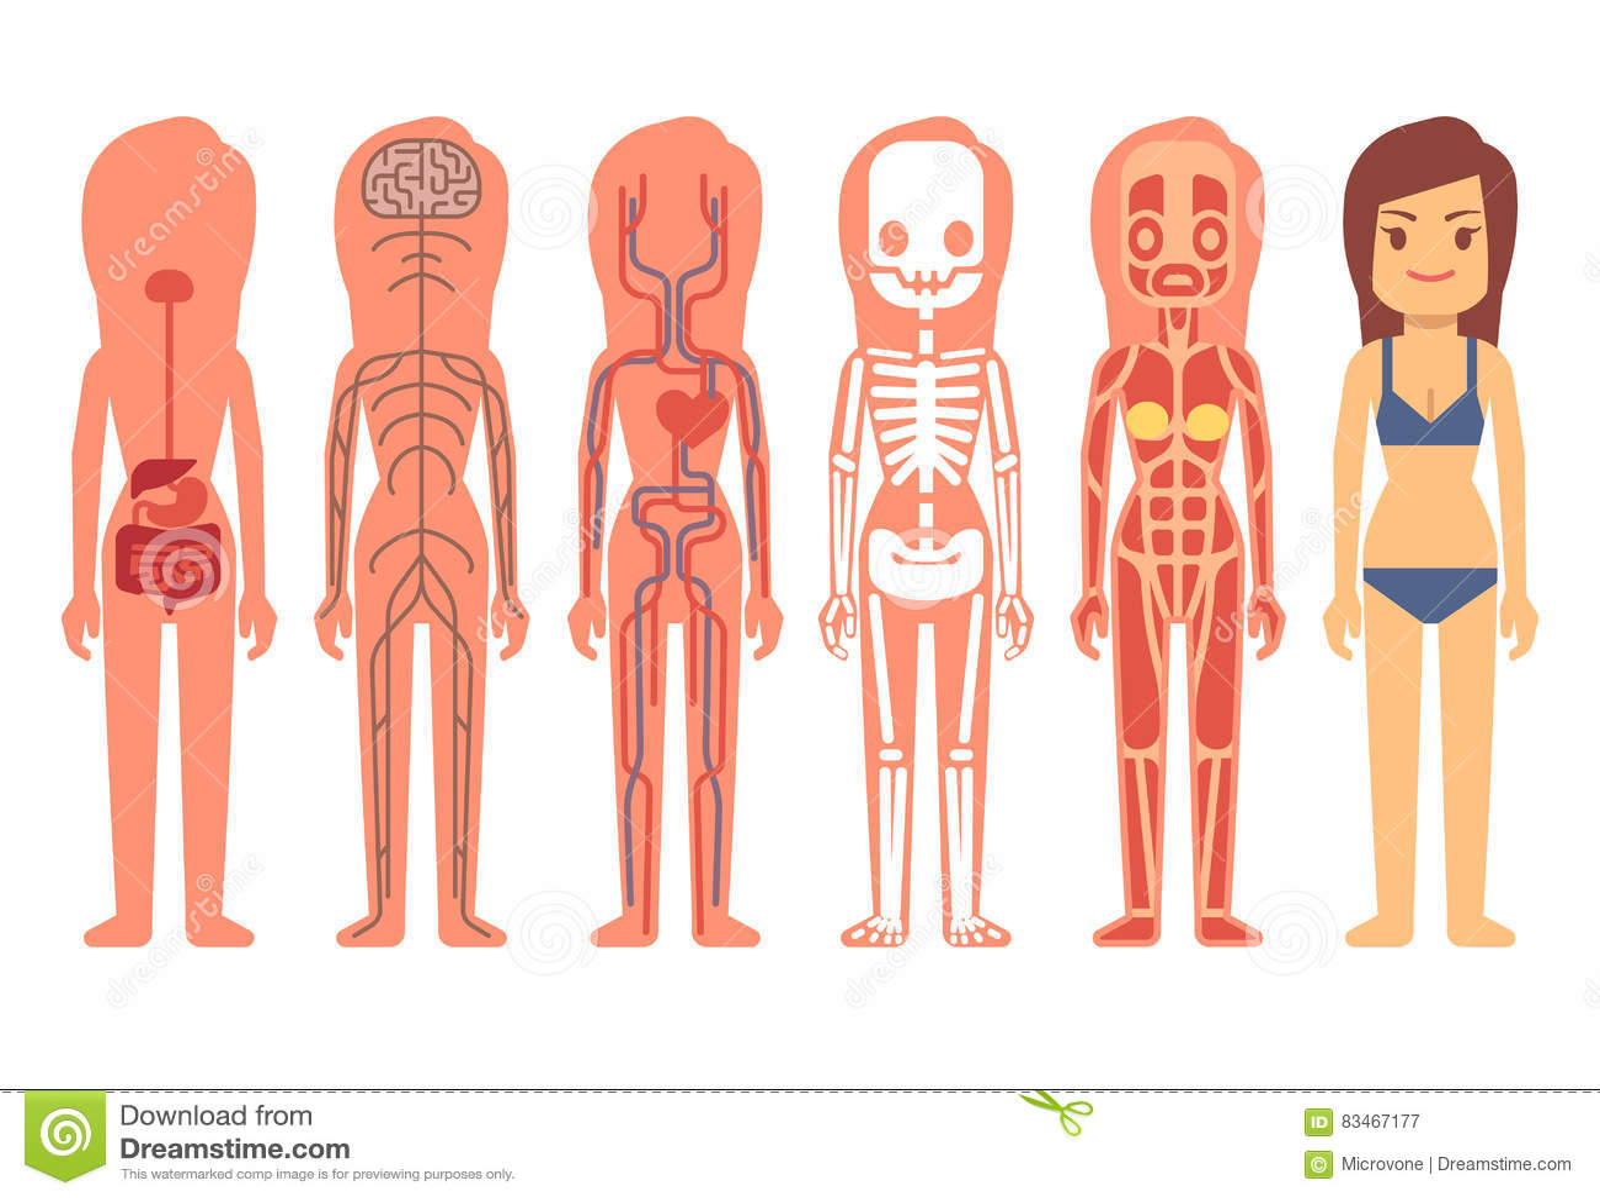 Medizinische Frauenkörperanatomie-Vektorillustration Skelett ...